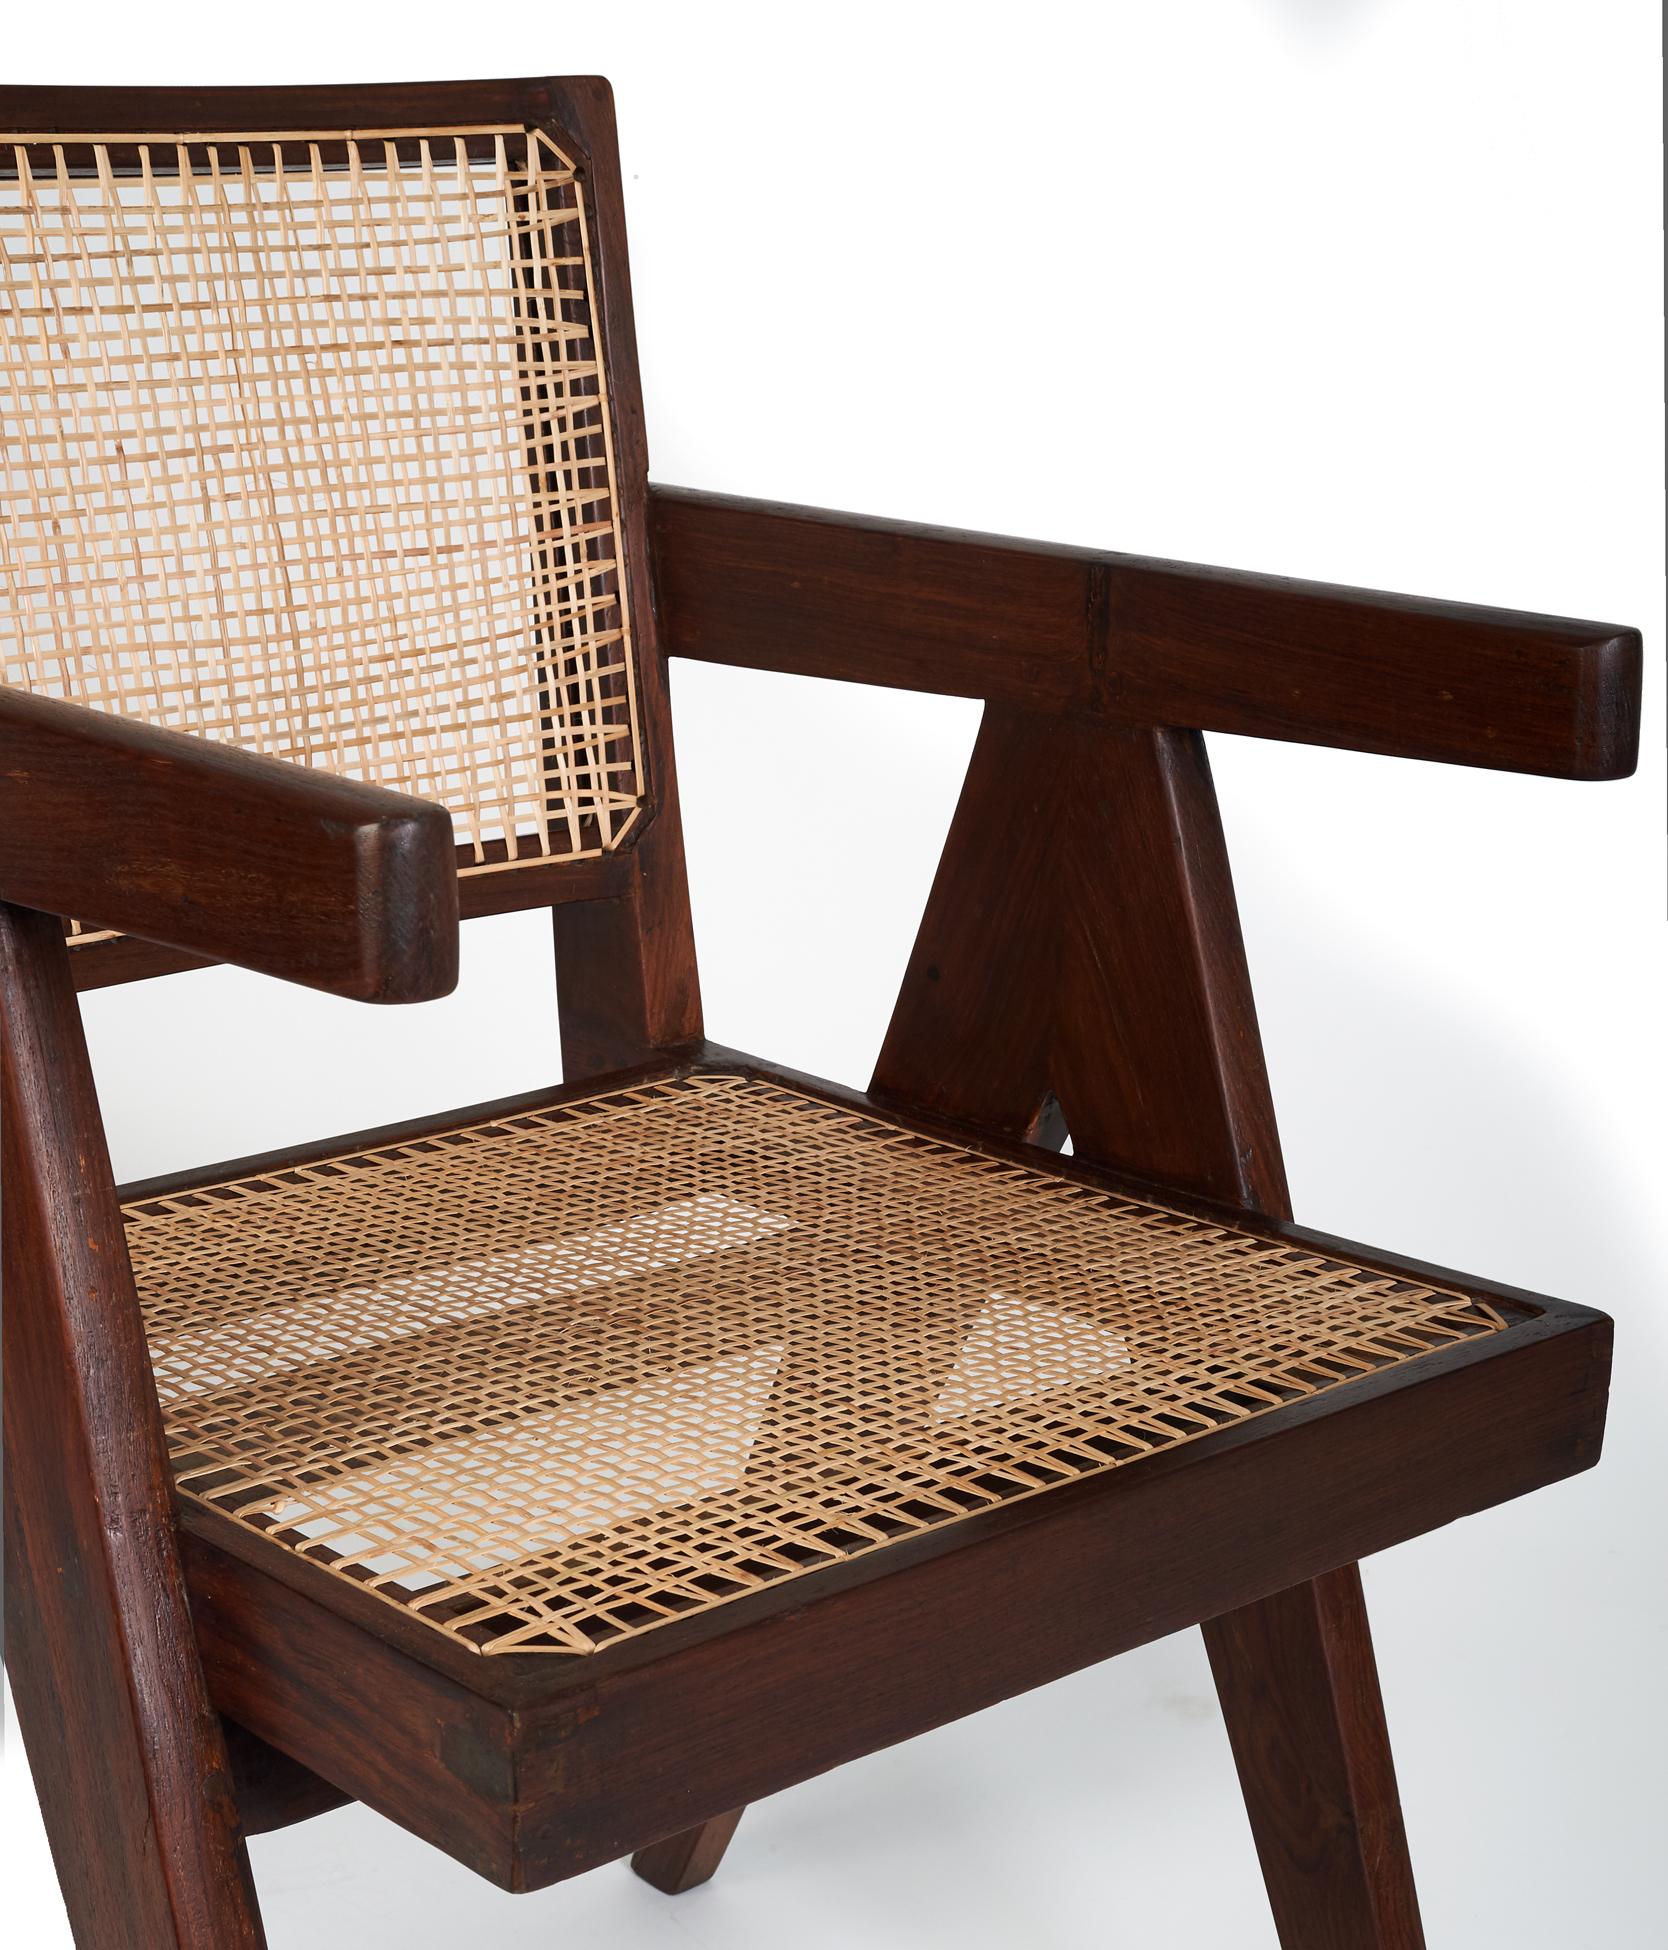 Chandigarh Office Chair By Pierre Jeanneret Vivamus